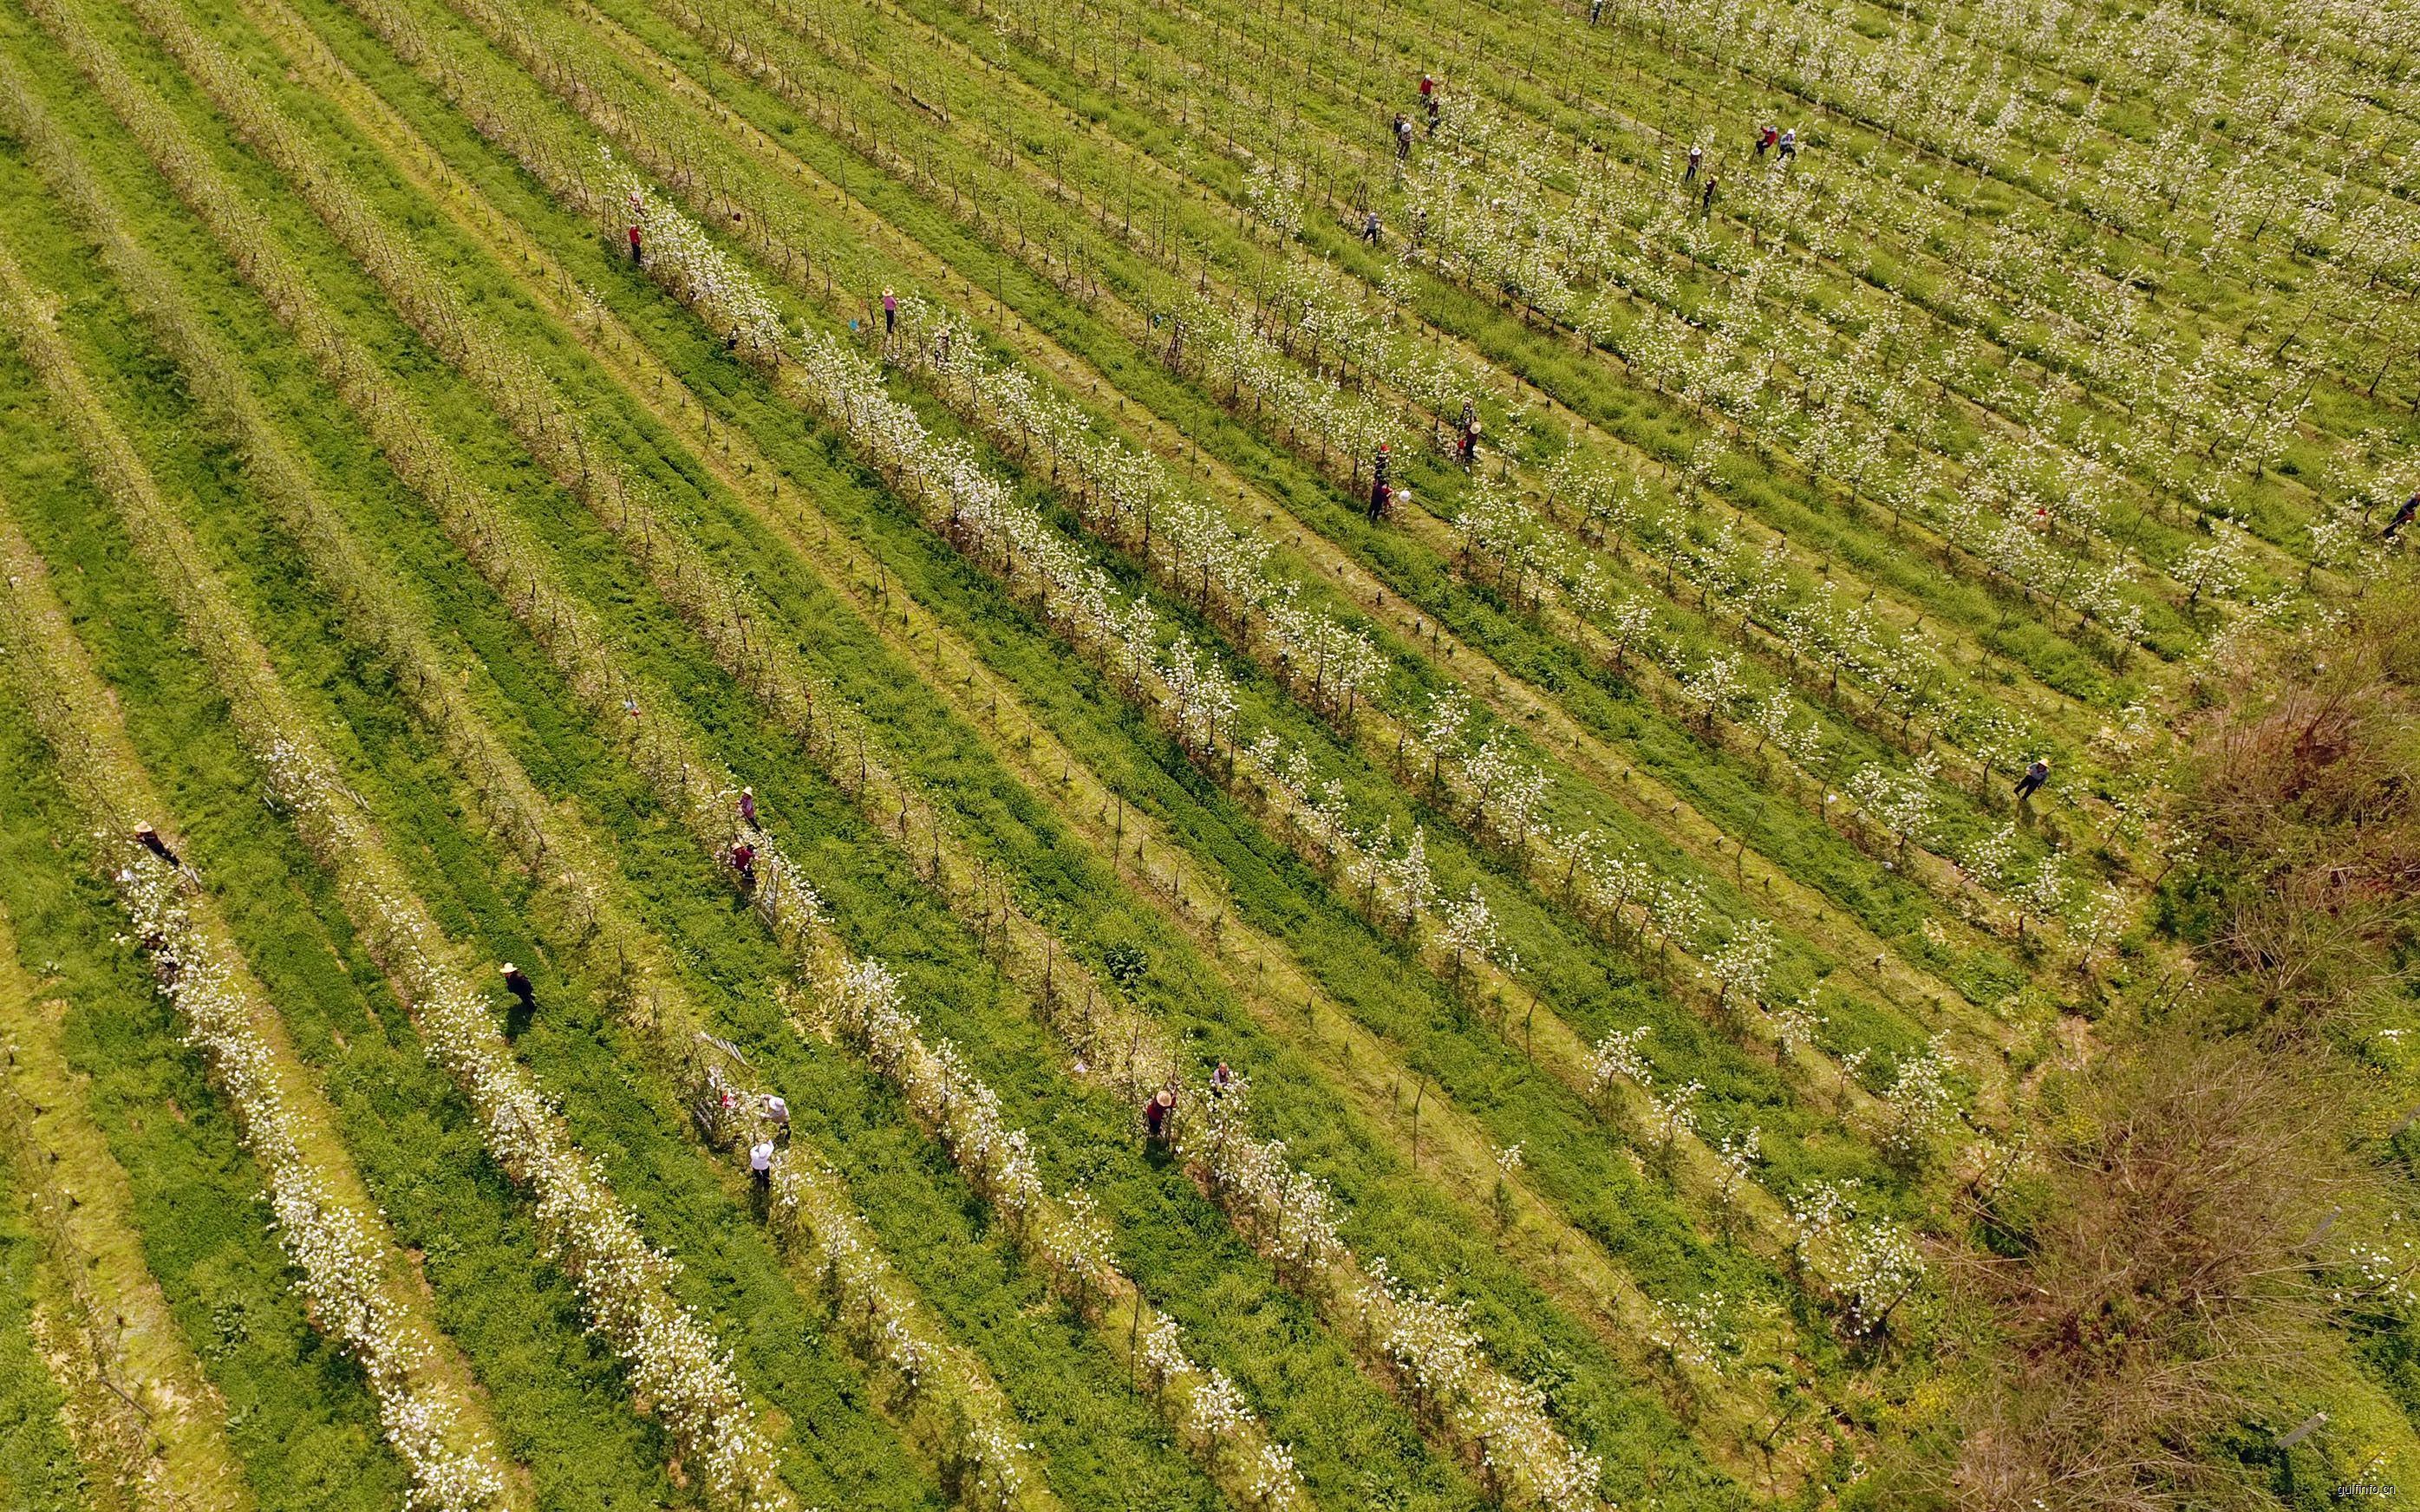 伊朗农业发展现状与展望